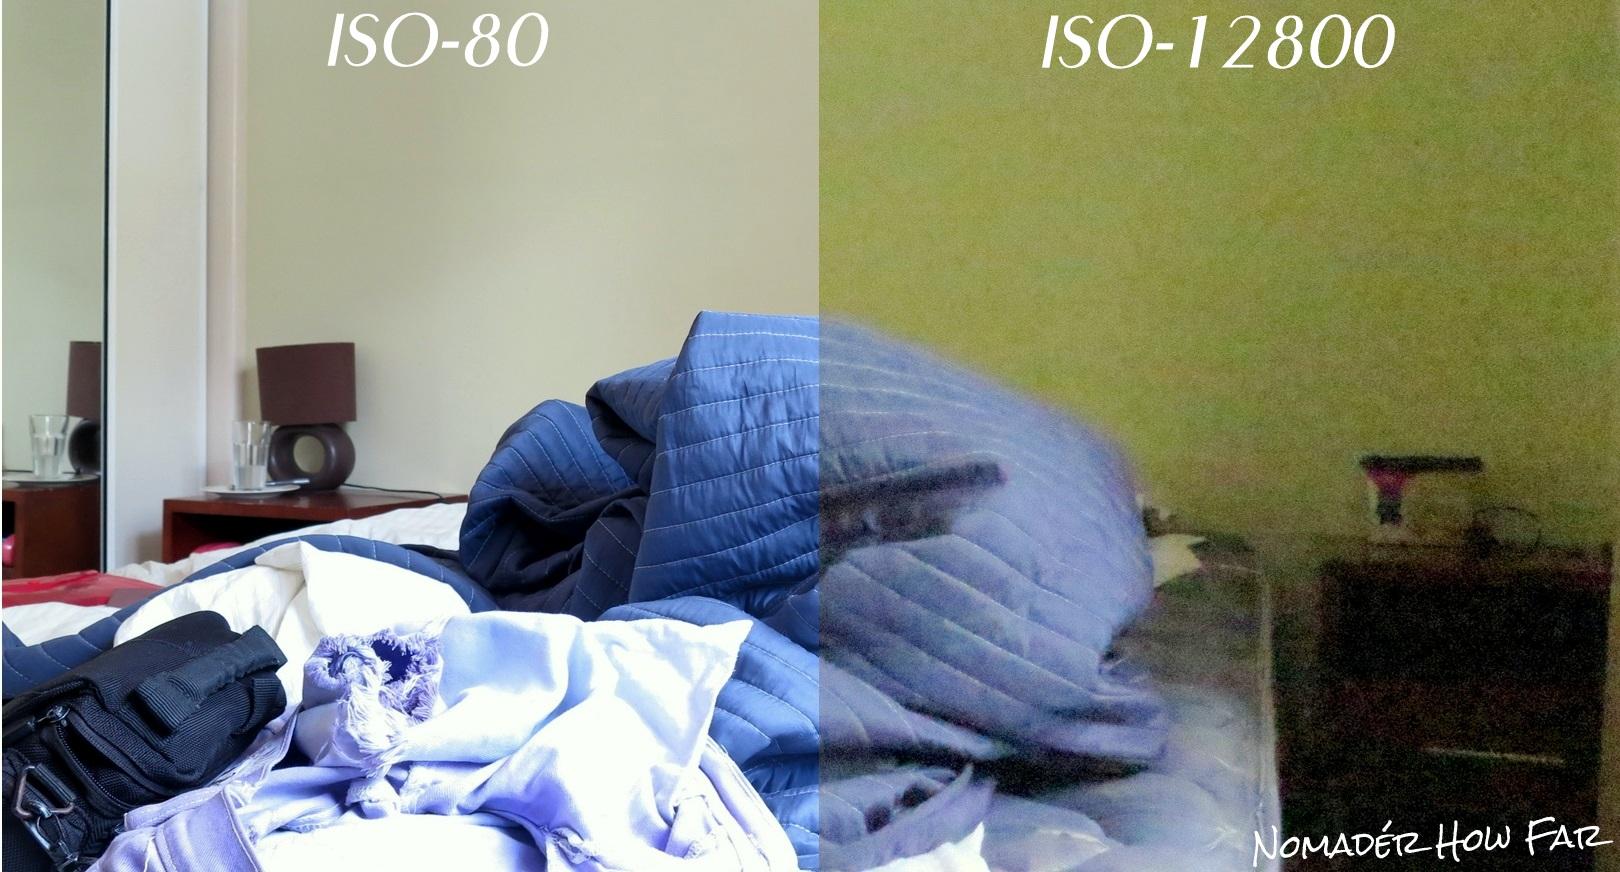 ISO Value Comparison